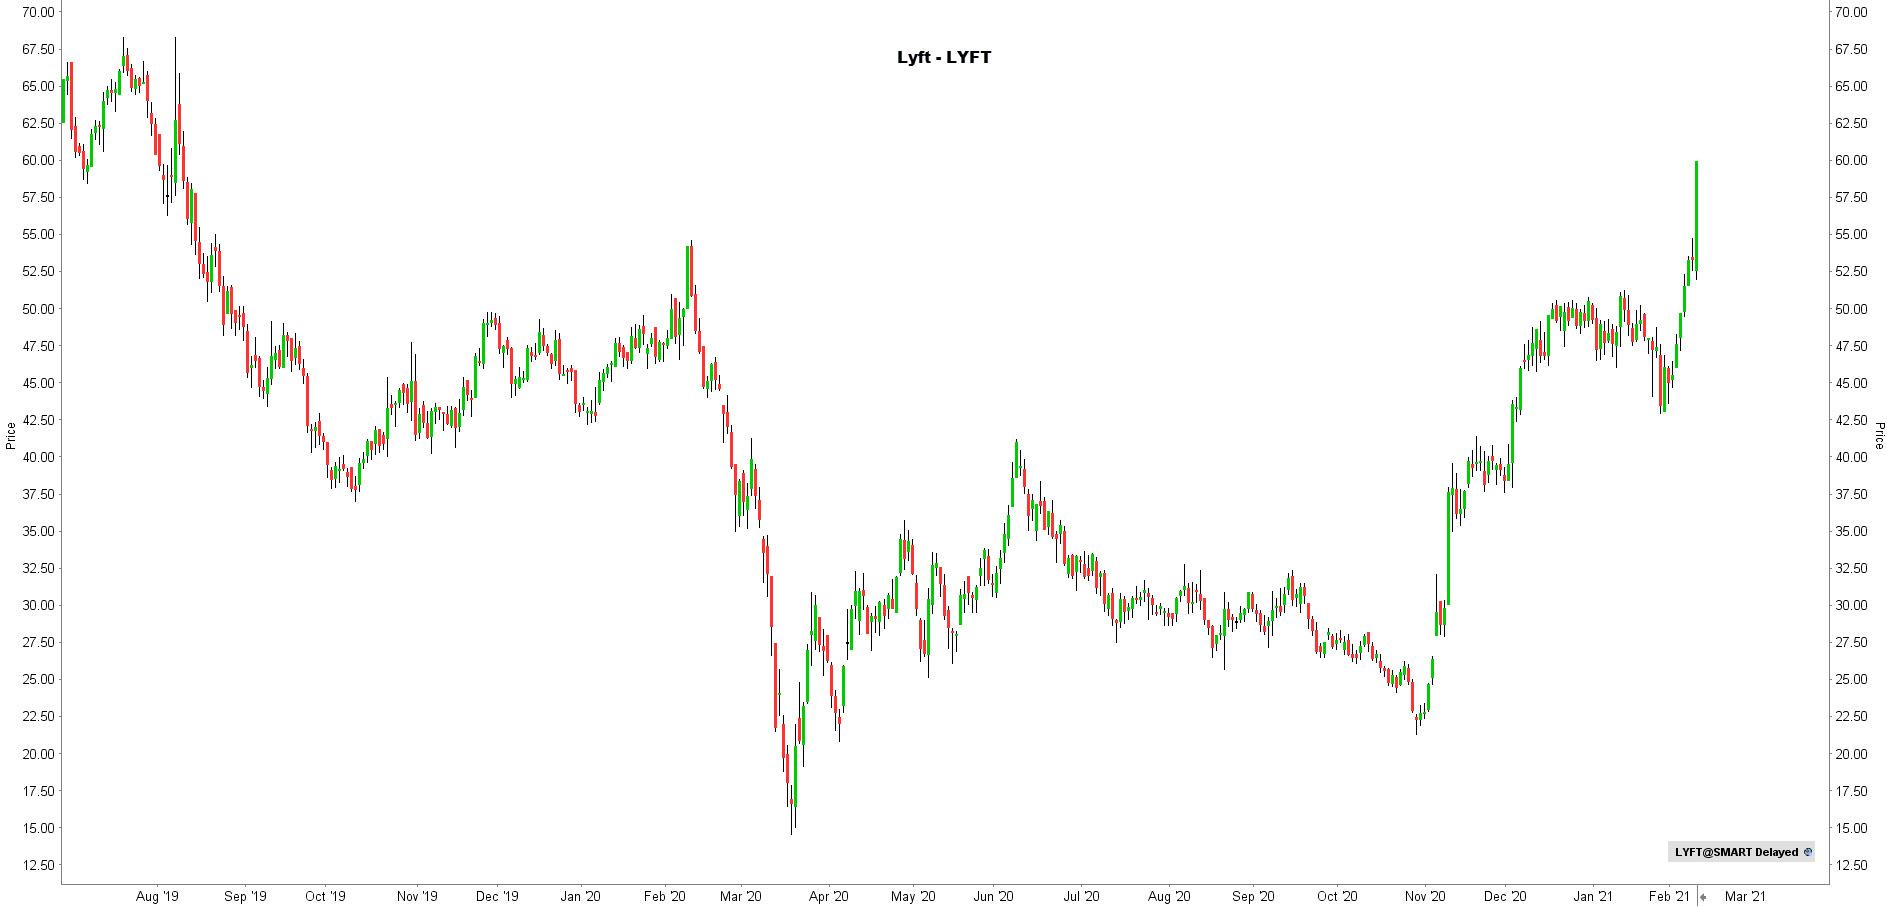 la chronique lynx broker 100221 - graphique lyft